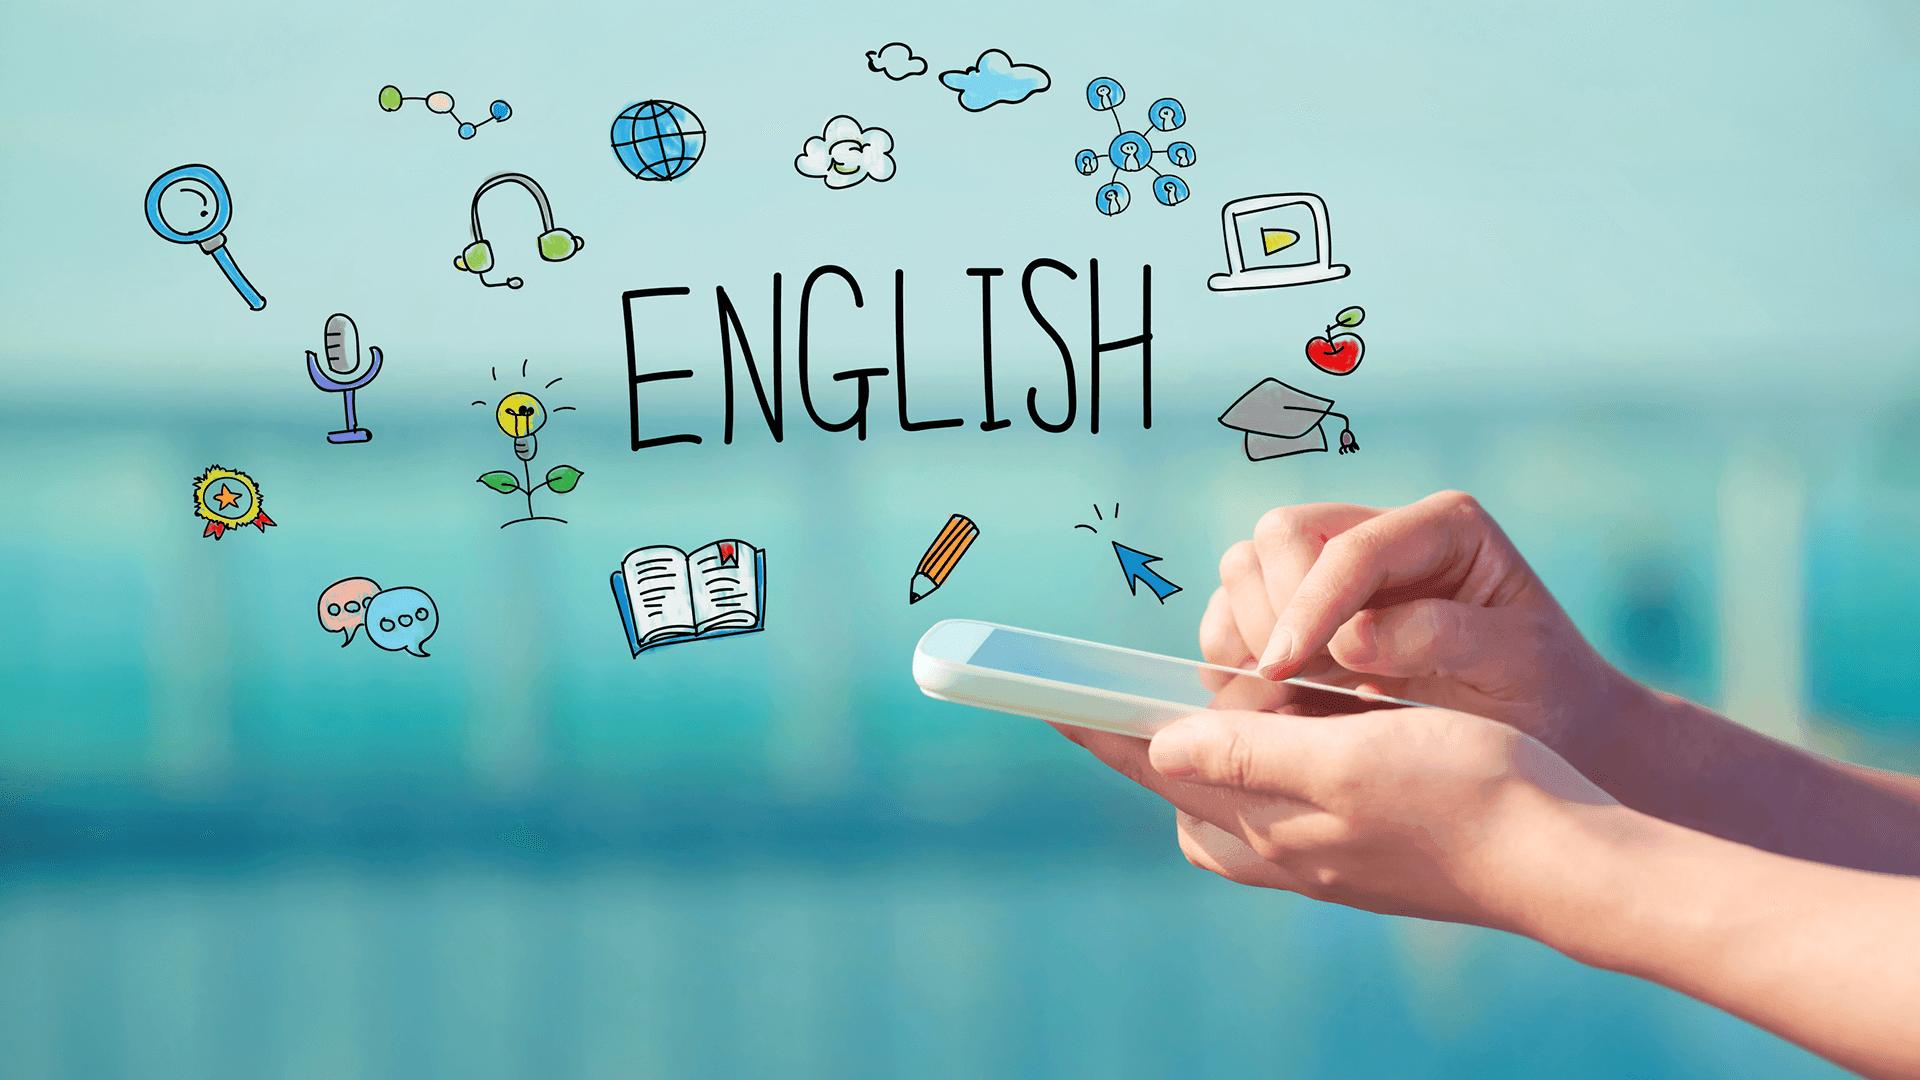 سری دیالوگهای روزمره زبان انگلیسی شما را برای مکالمه روزمره آماده میکنند